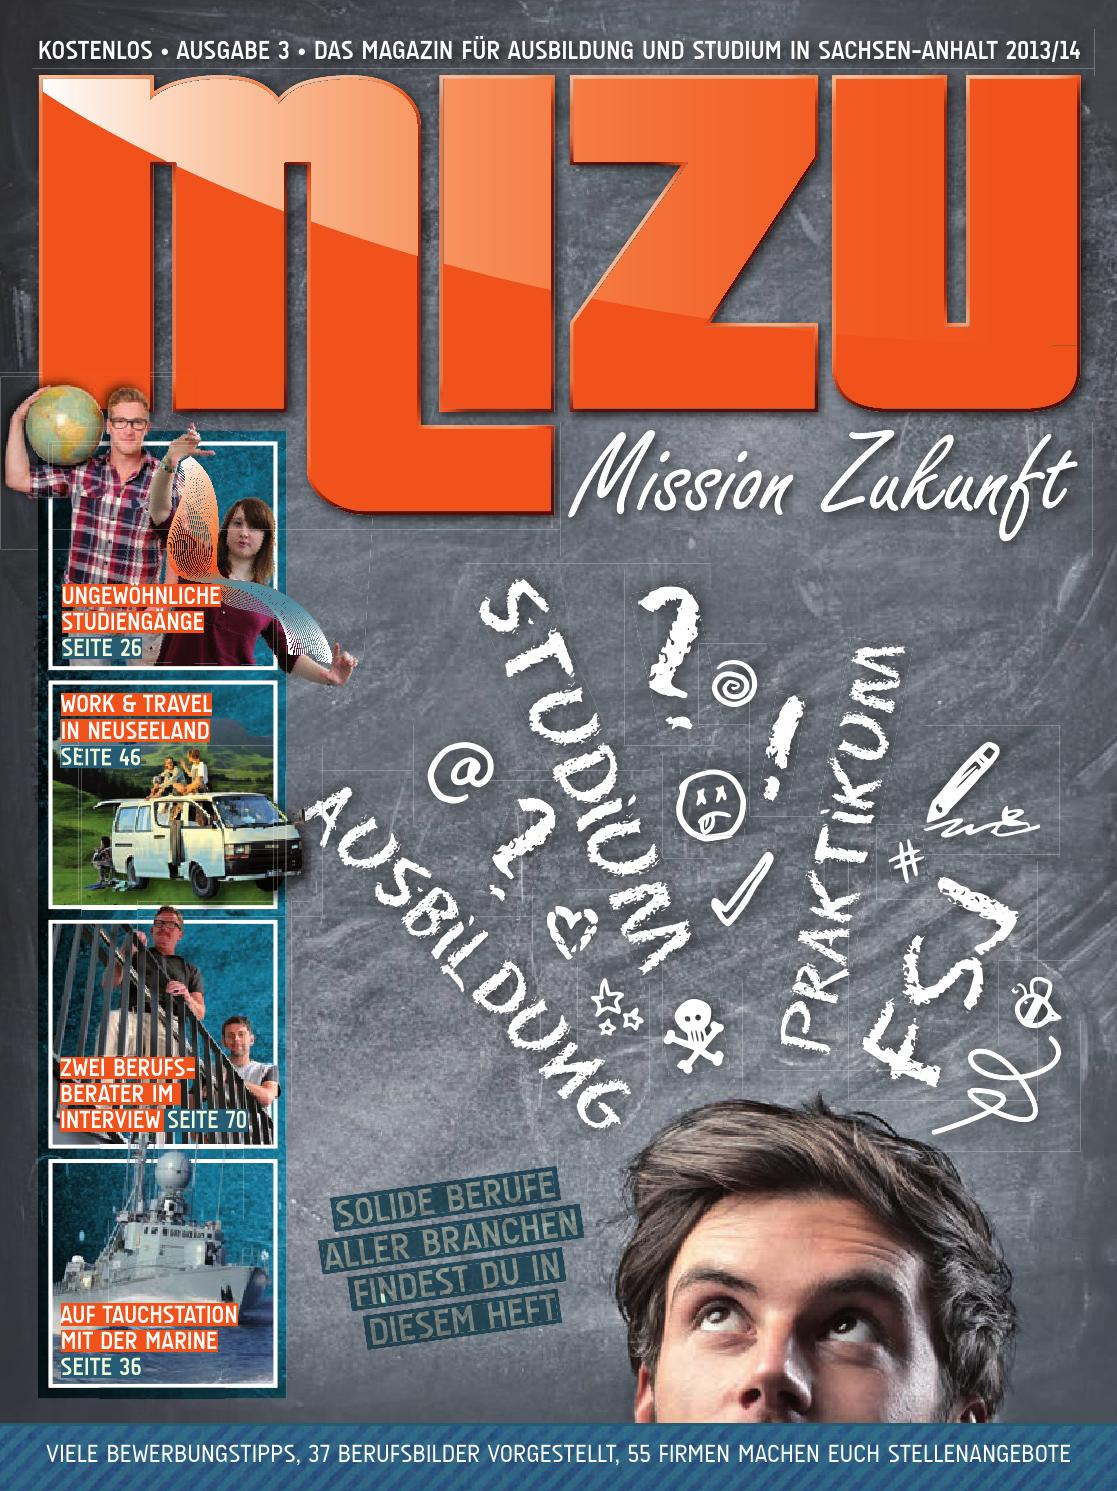 Mission Zukunft 2013 by DATEs Medien Verlag GmbH - issuu